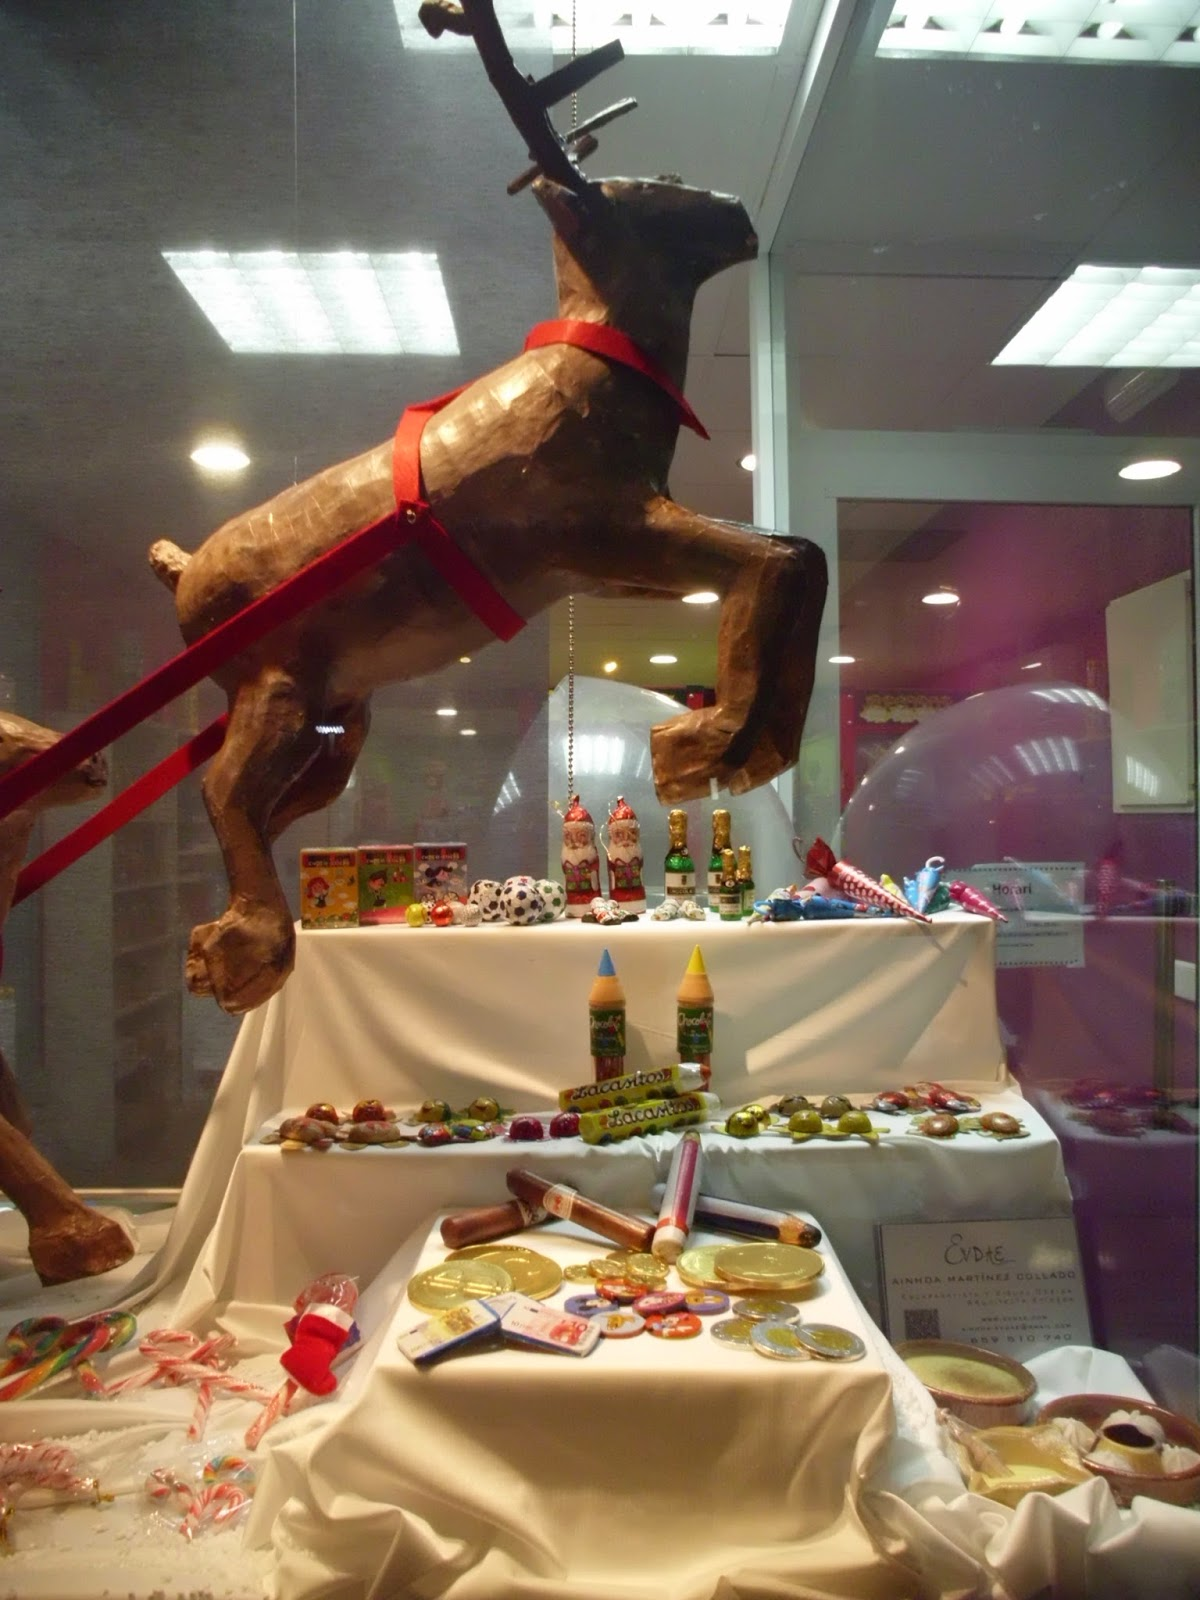 escaparate navideño reno volando expositor chocolate